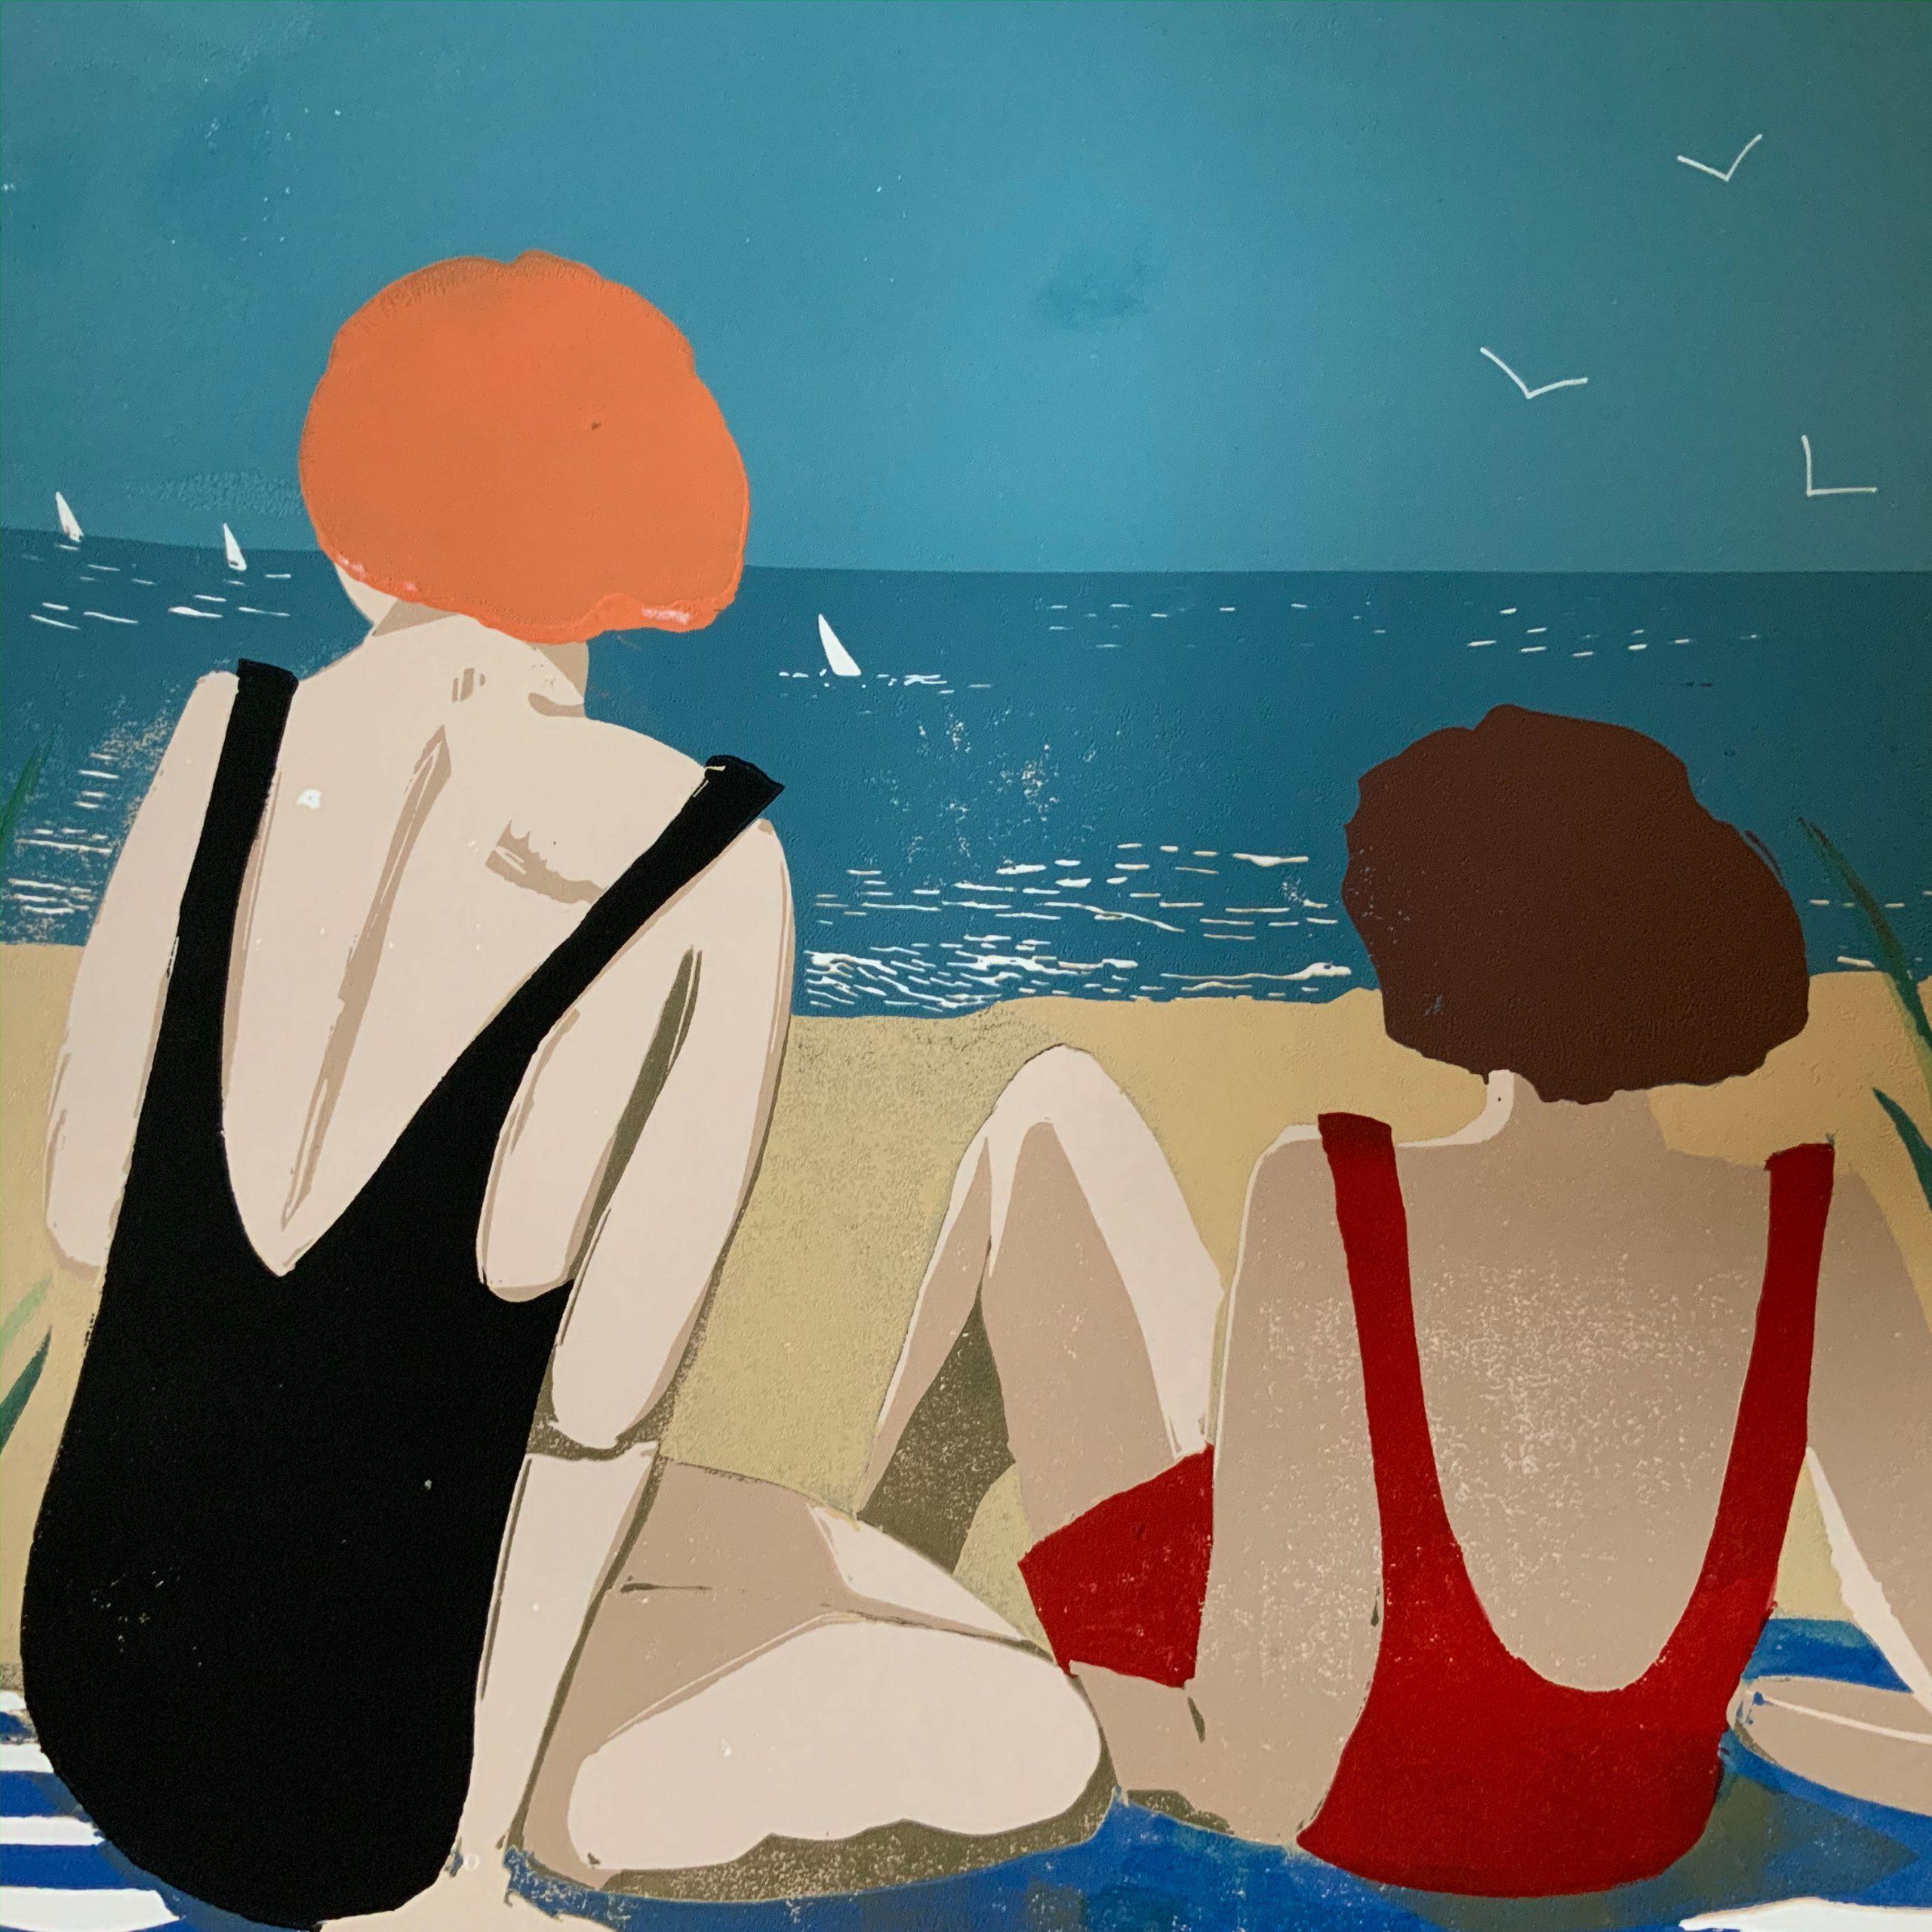 A little Summer Sun  - Linocut  -  30 cm x 30 cm (50 cm x 50 cm mounted)  -  £135